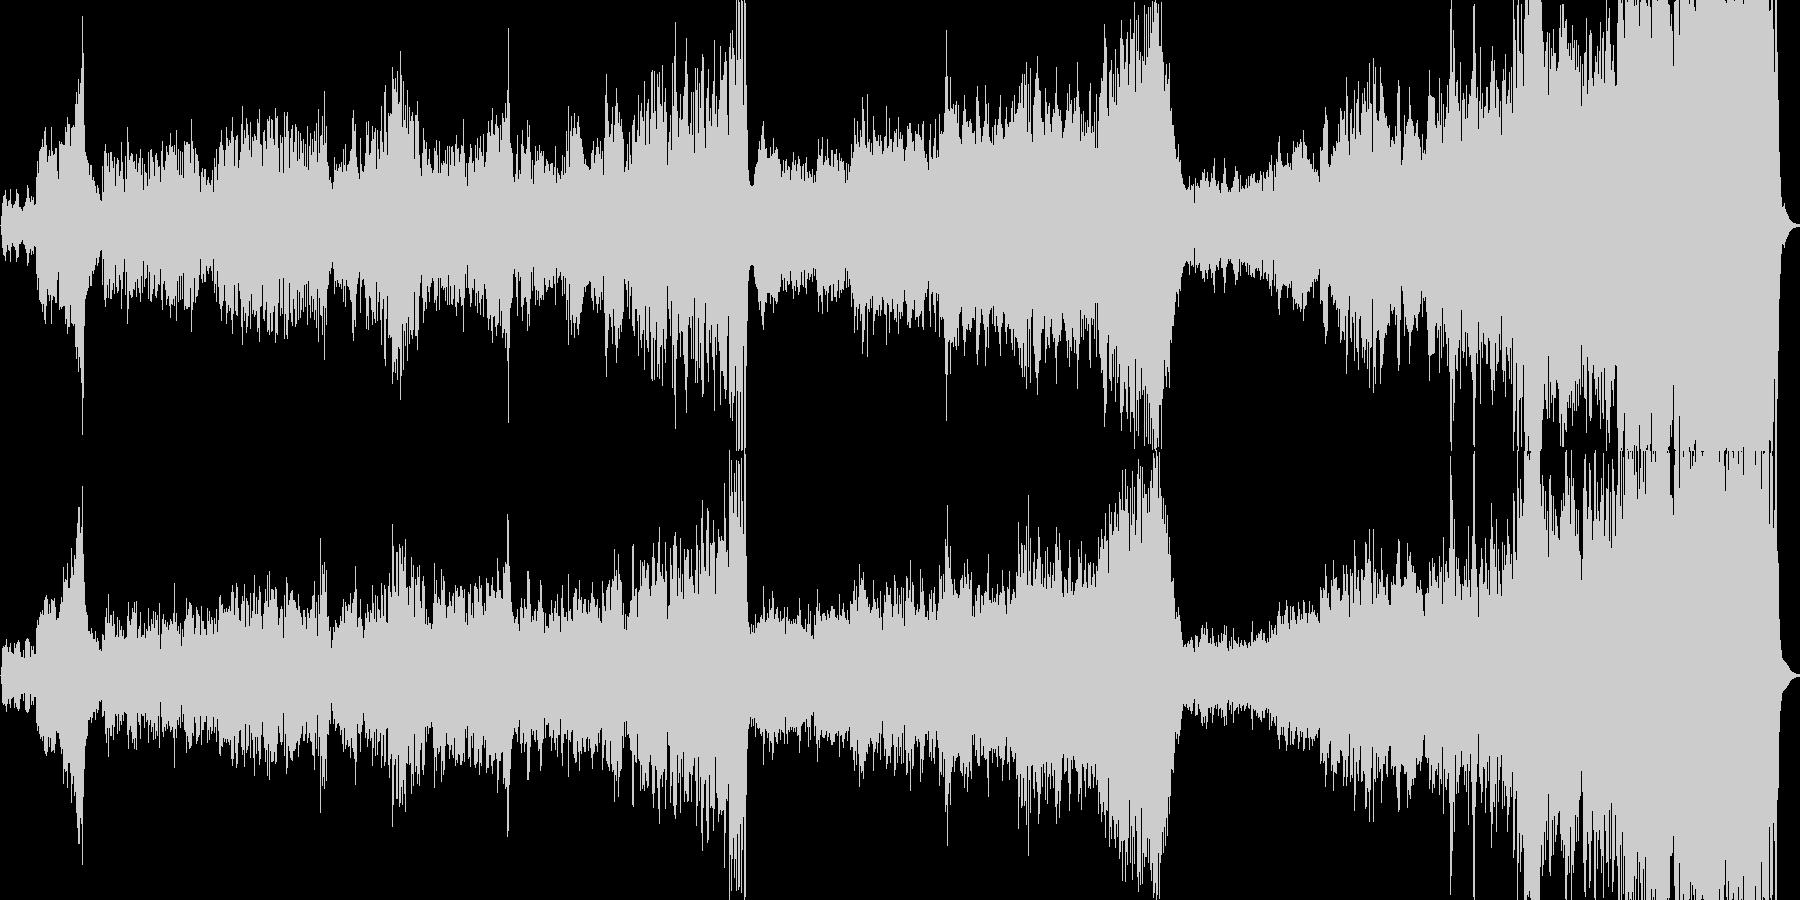 ファンタジーで壮大なオーケストラワルツの未再生の波形